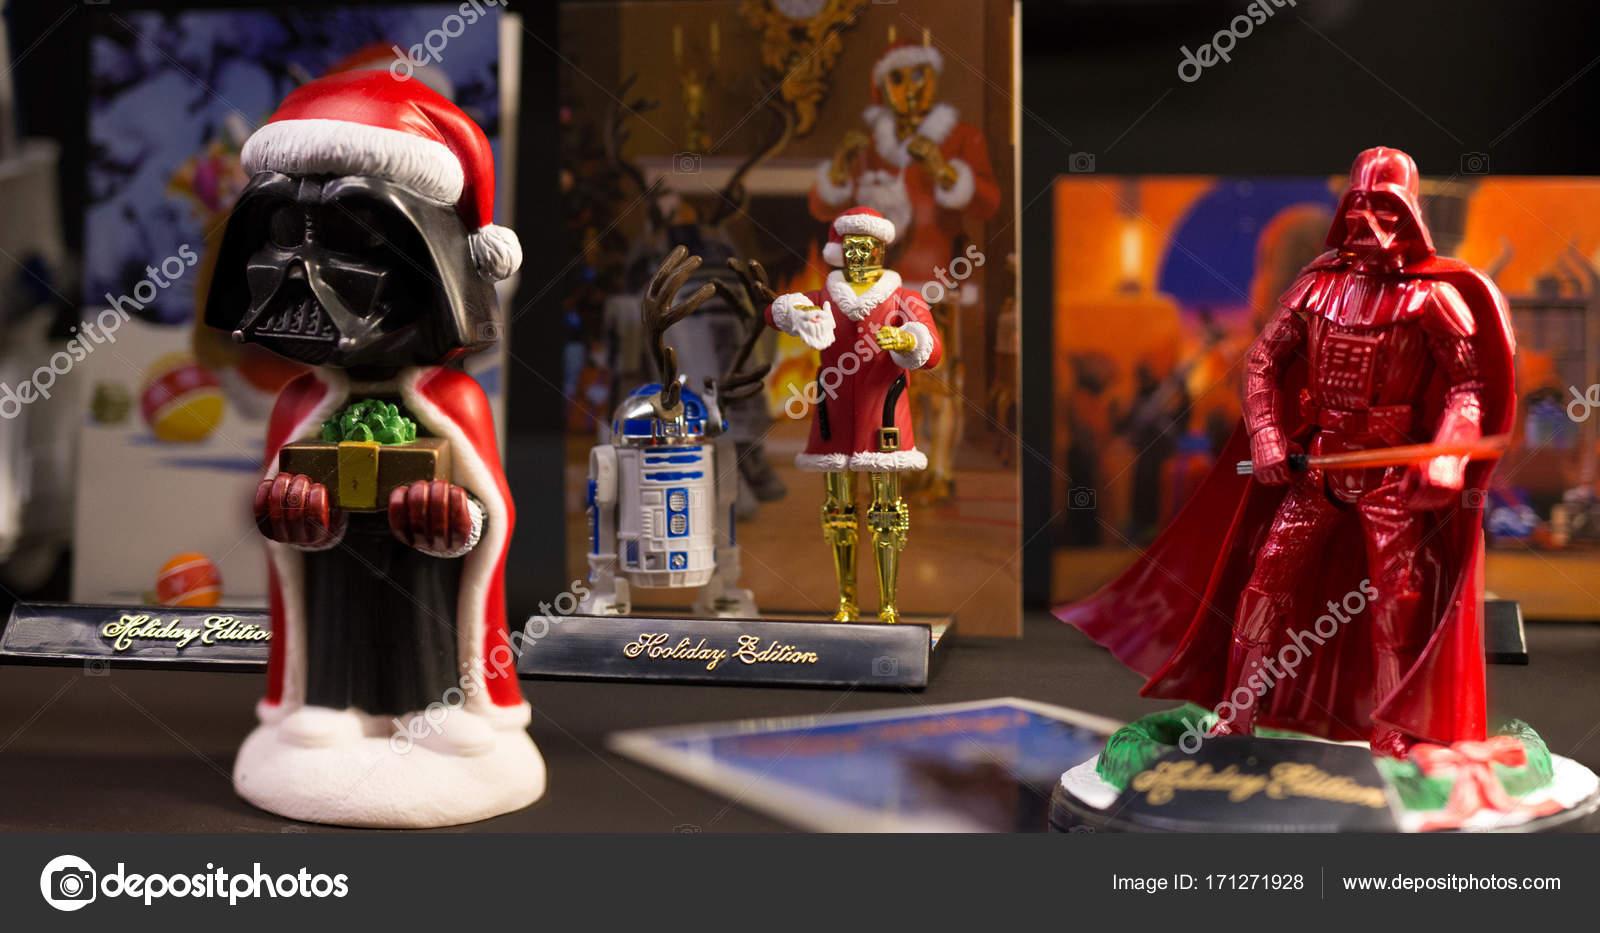 star wars weihnachten redaktionelles stockfoto. Black Bedroom Furniture Sets. Home Design Ideas